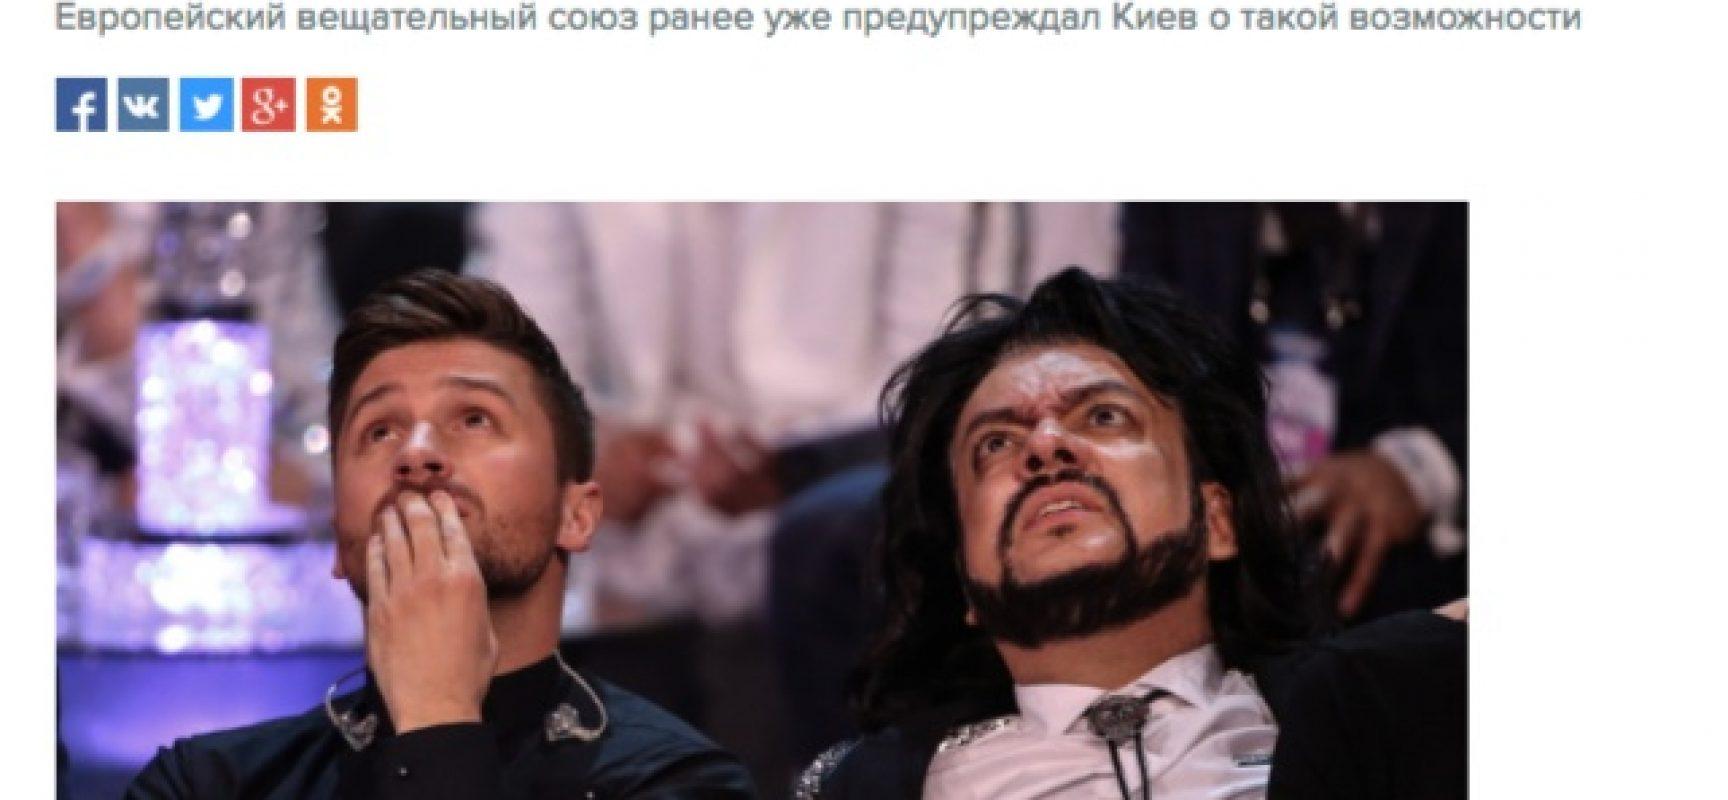 Eurovision 2017 tolto all'Ucraina a favore della Russia